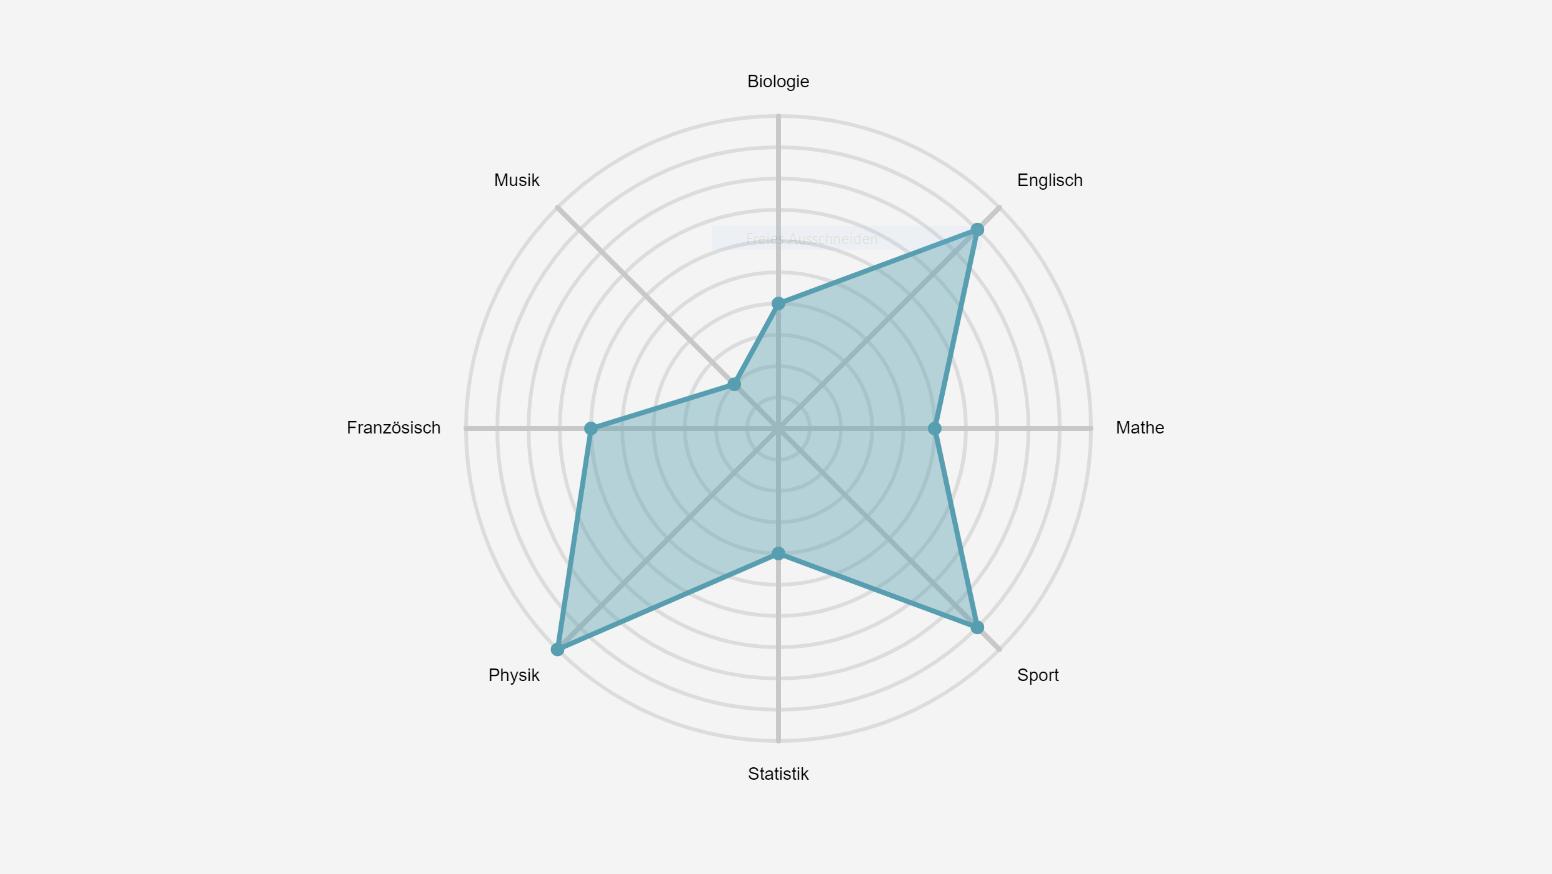 p5.js — Grafische Komponenten leicht gemacht